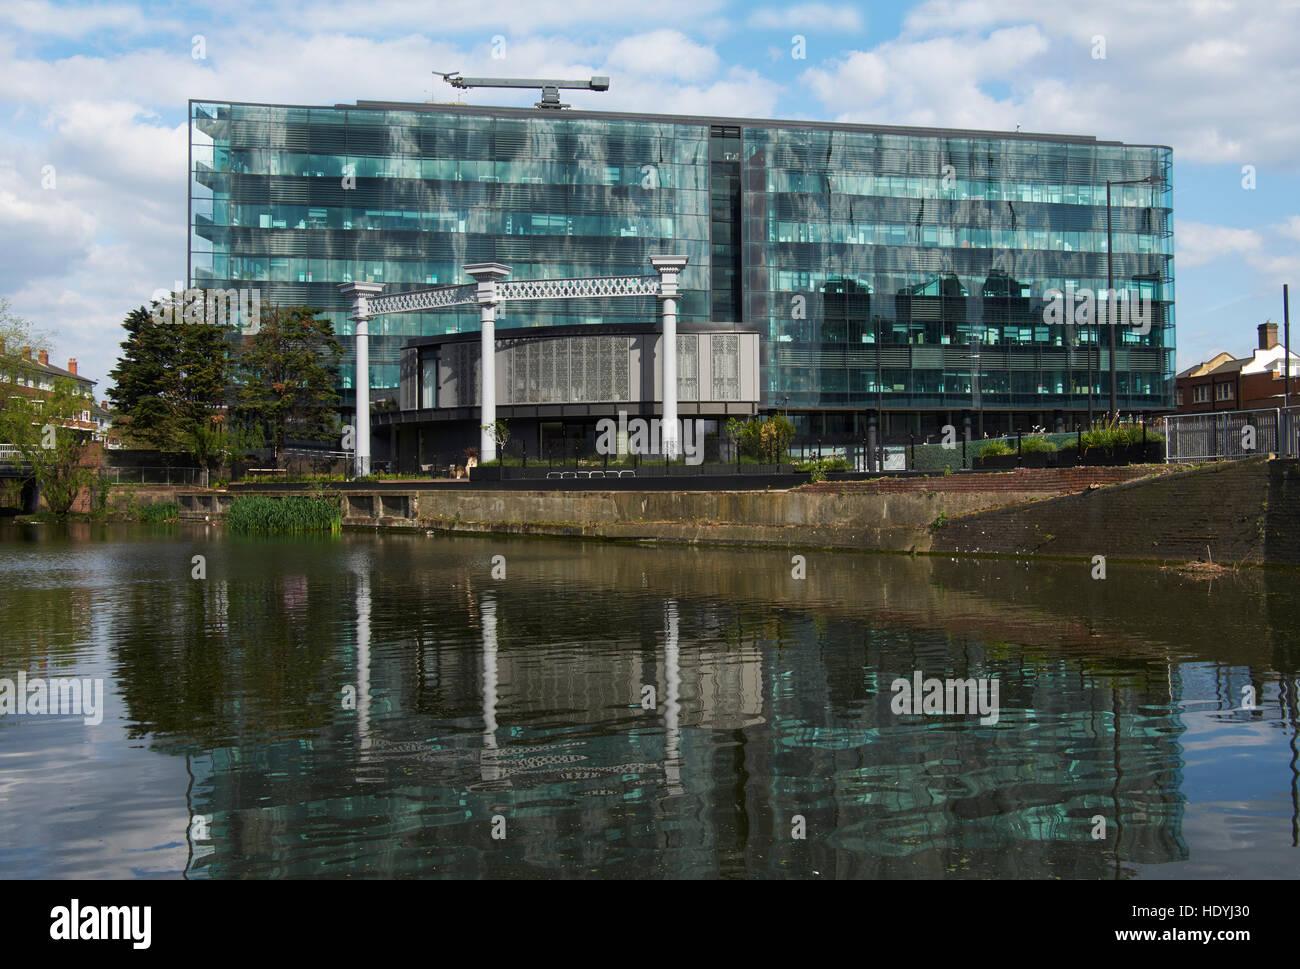 Kings Place, Londres. Façade ondulante de verre vert, par Dixon Jones, construit de 2005 à 2008. Abrite Photo Stock